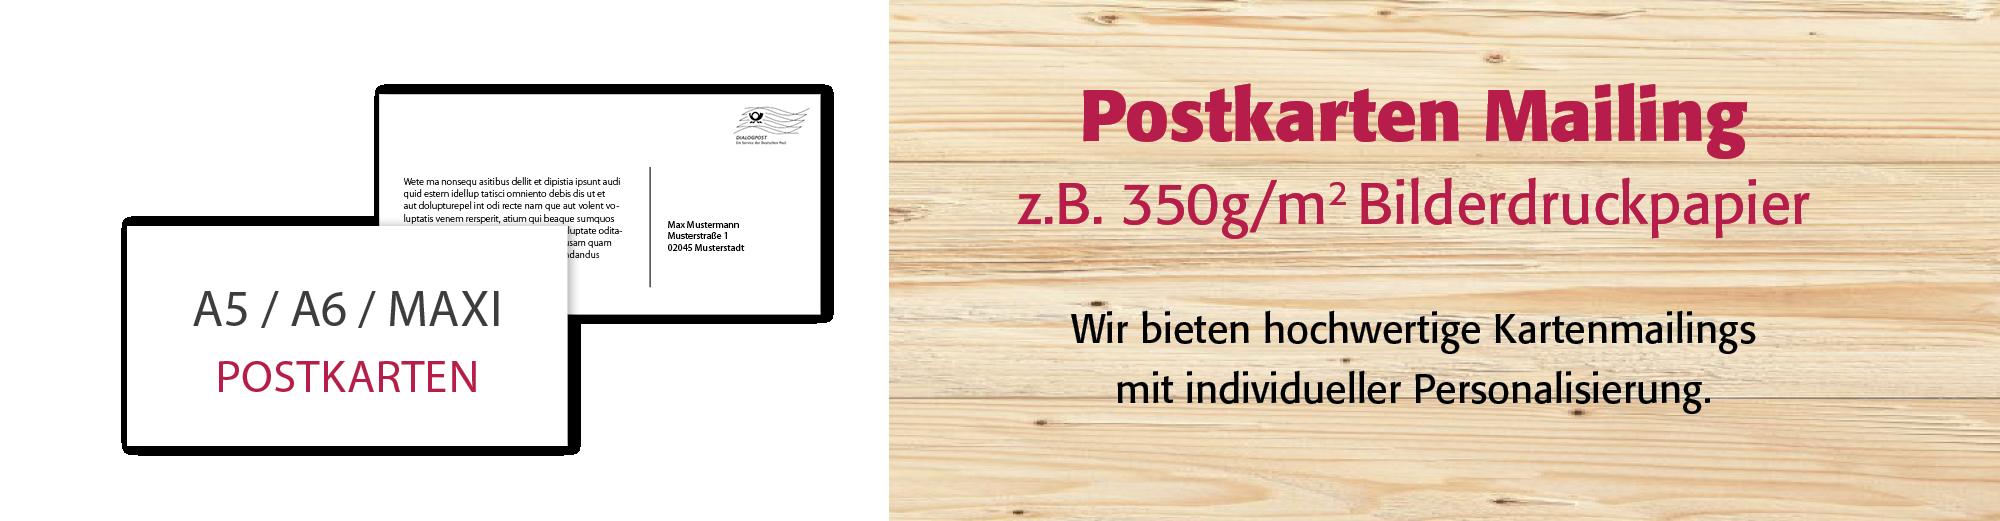 Lettershop_Mailing_Postkarten-Mailing